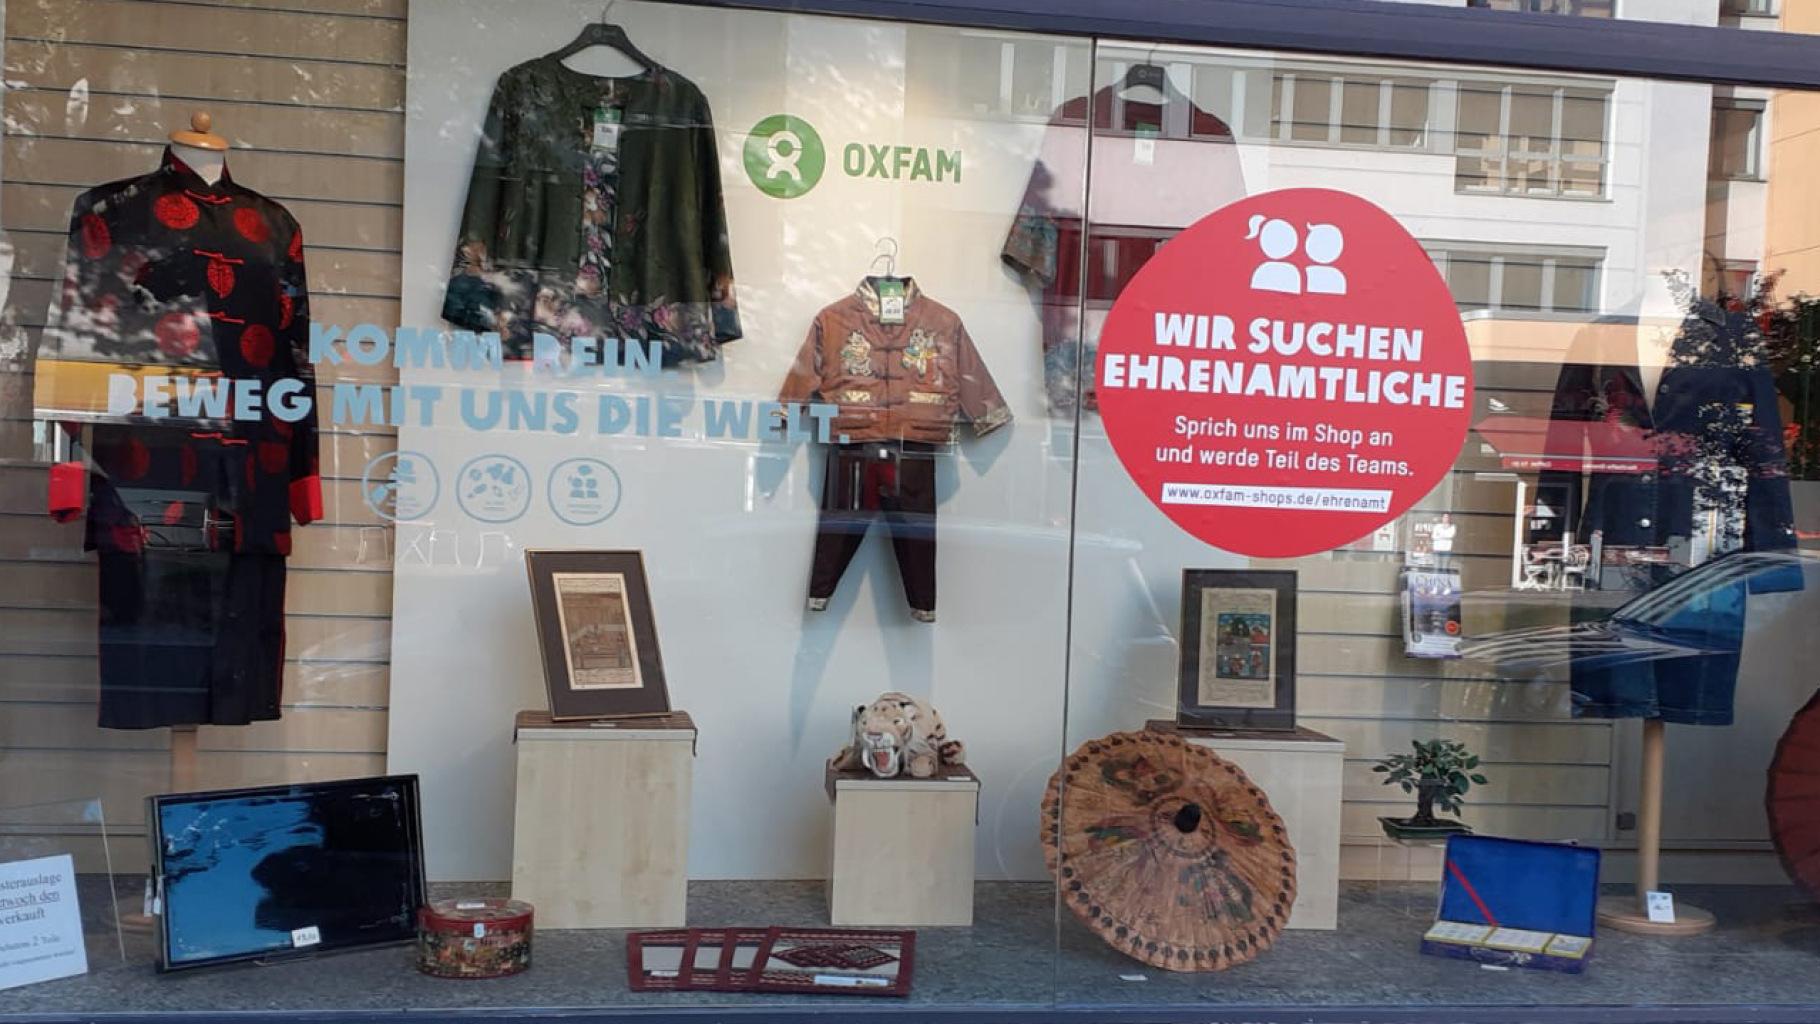 Schaufenster vom Oxfam Shop Berlin-Schöneberg